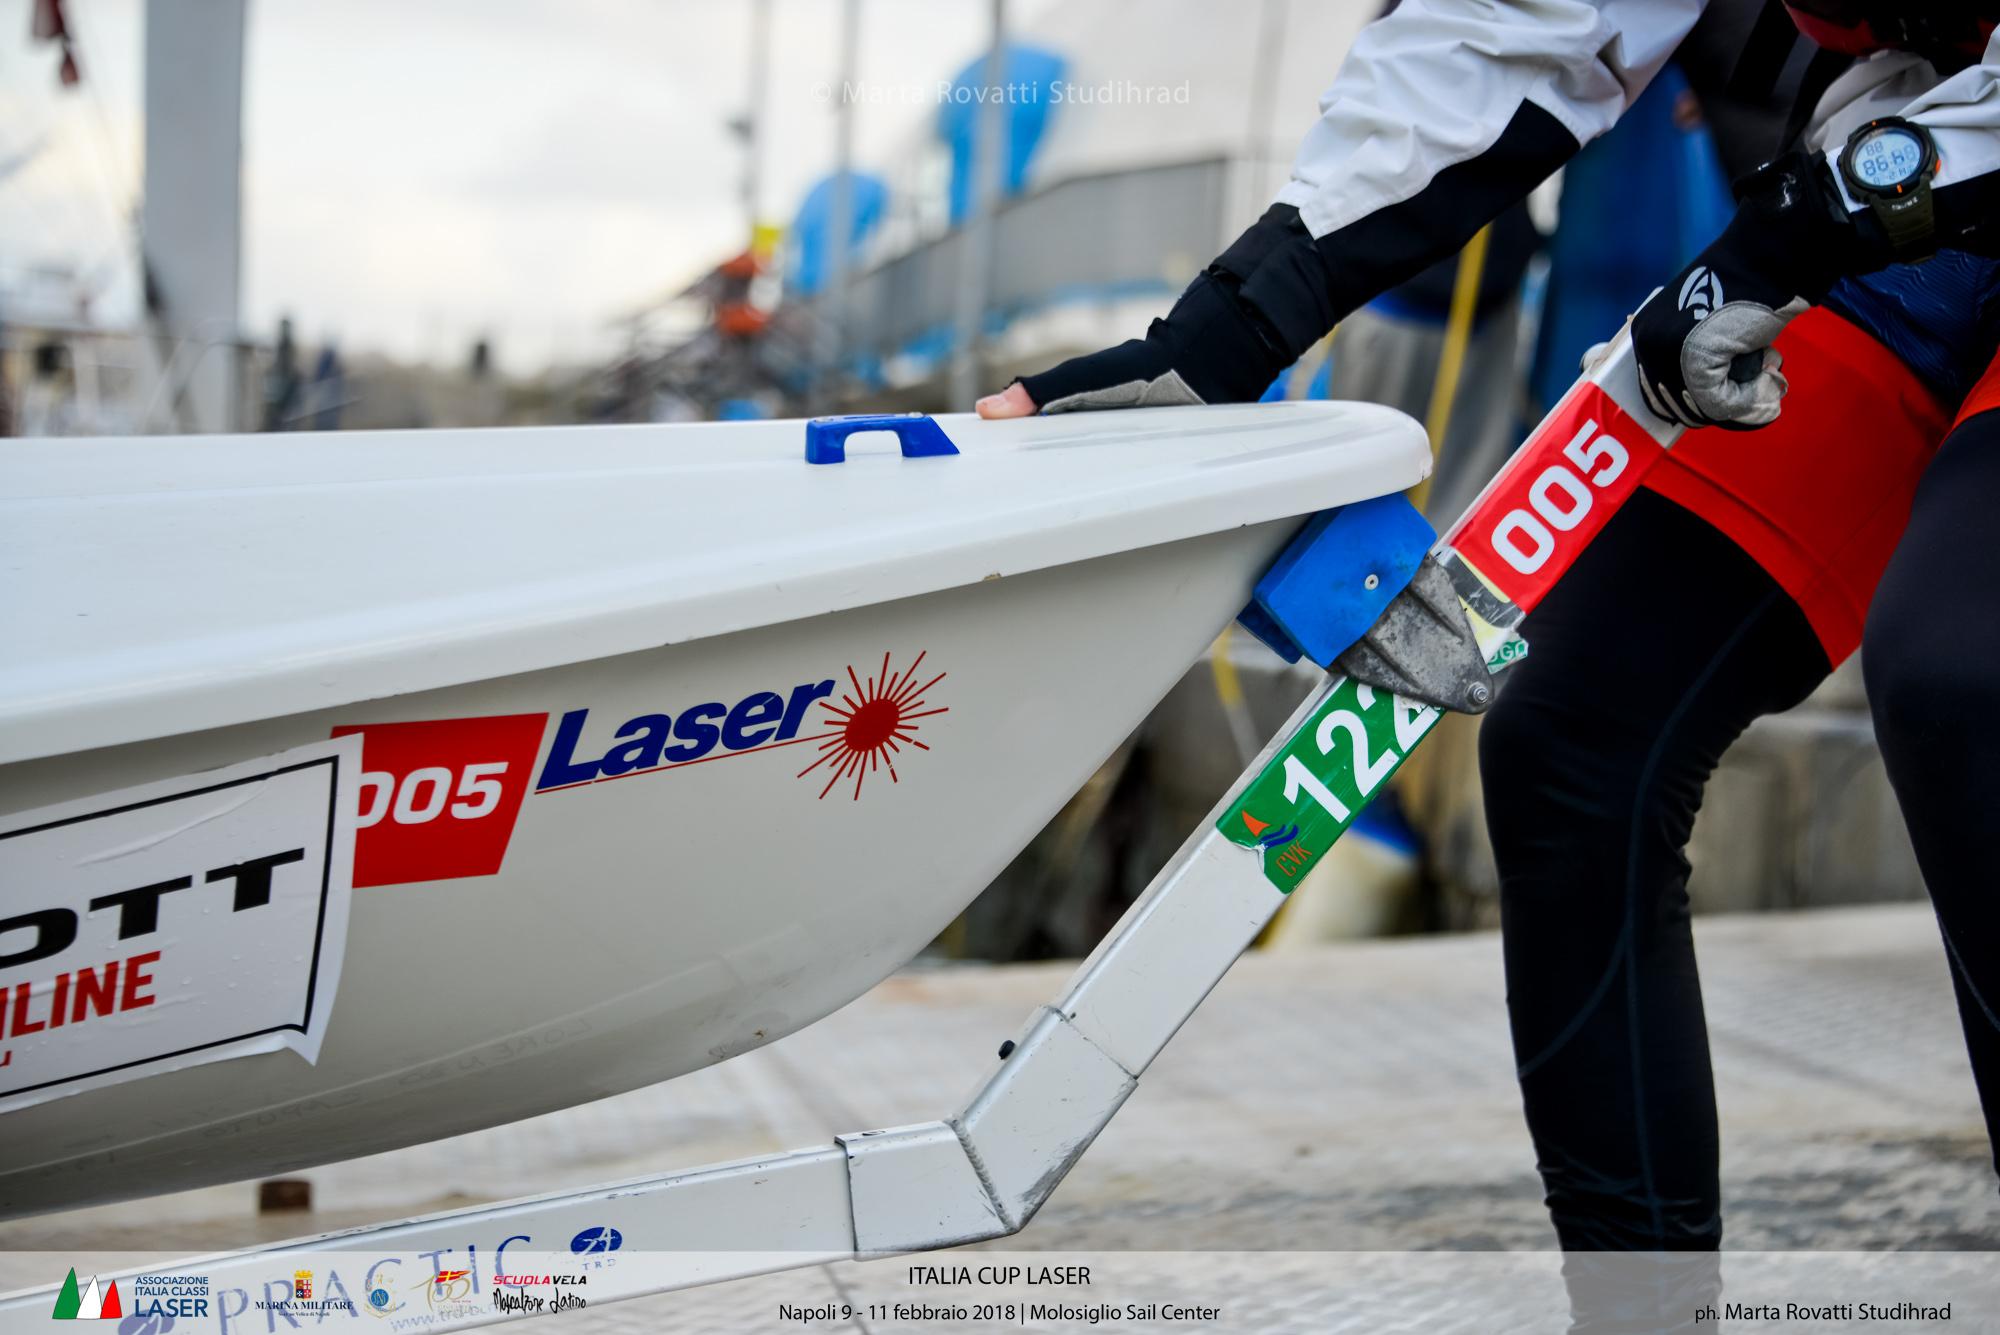 Associazione-Italia-Classi-Laser-2018-NapoliMGR_9114